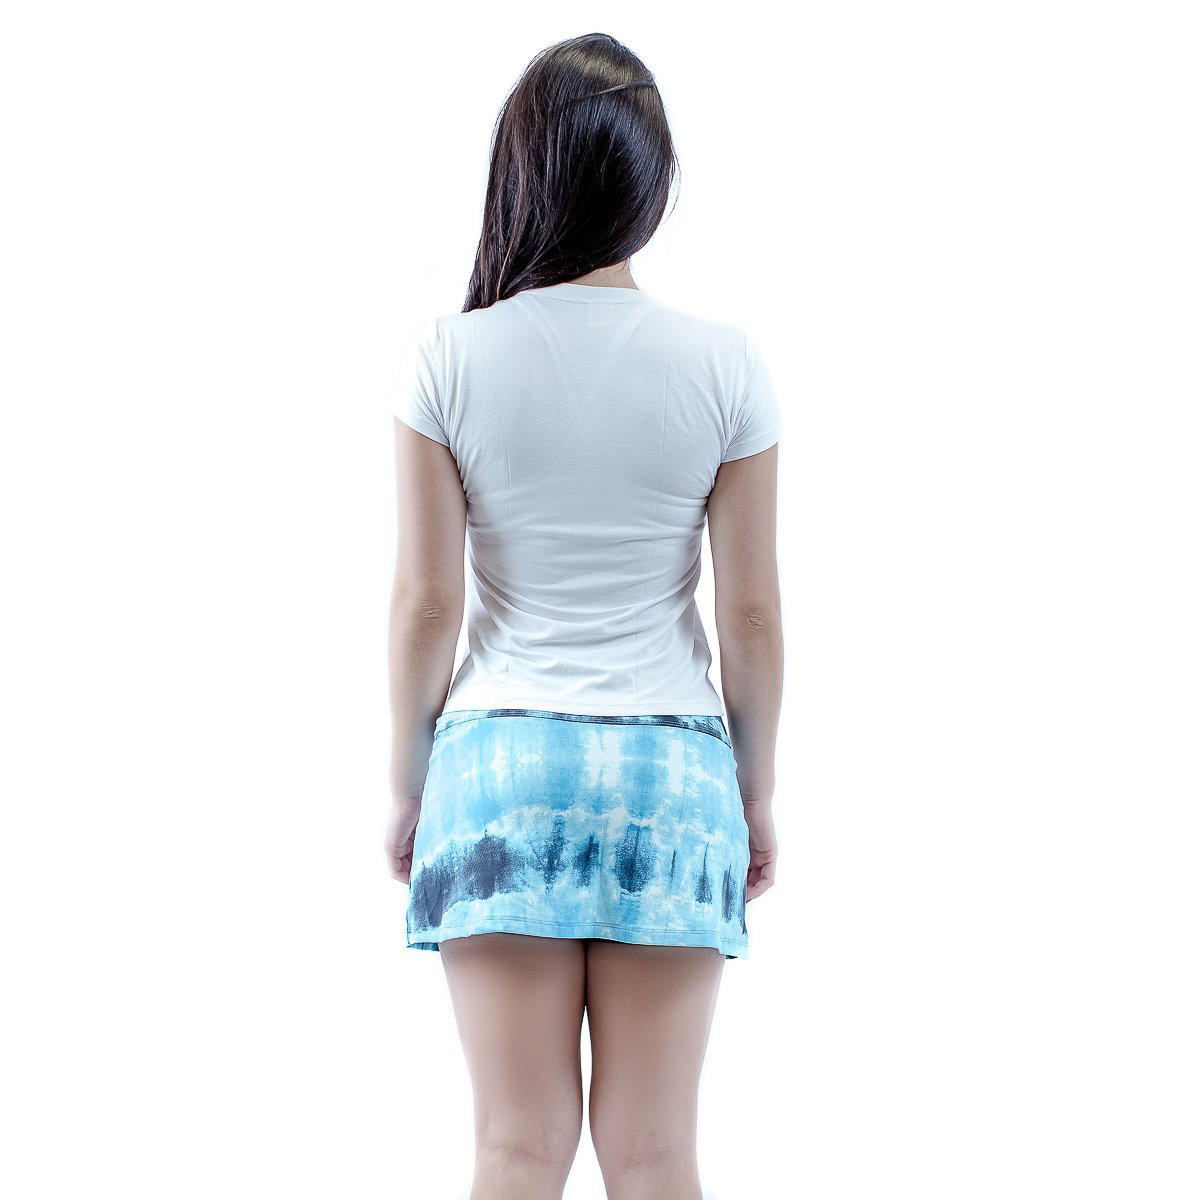 Cajafit Camiseta Dry Camiseta Camiseta Dry Branco Fit Branco Cajafit Fit TTArwqS8x